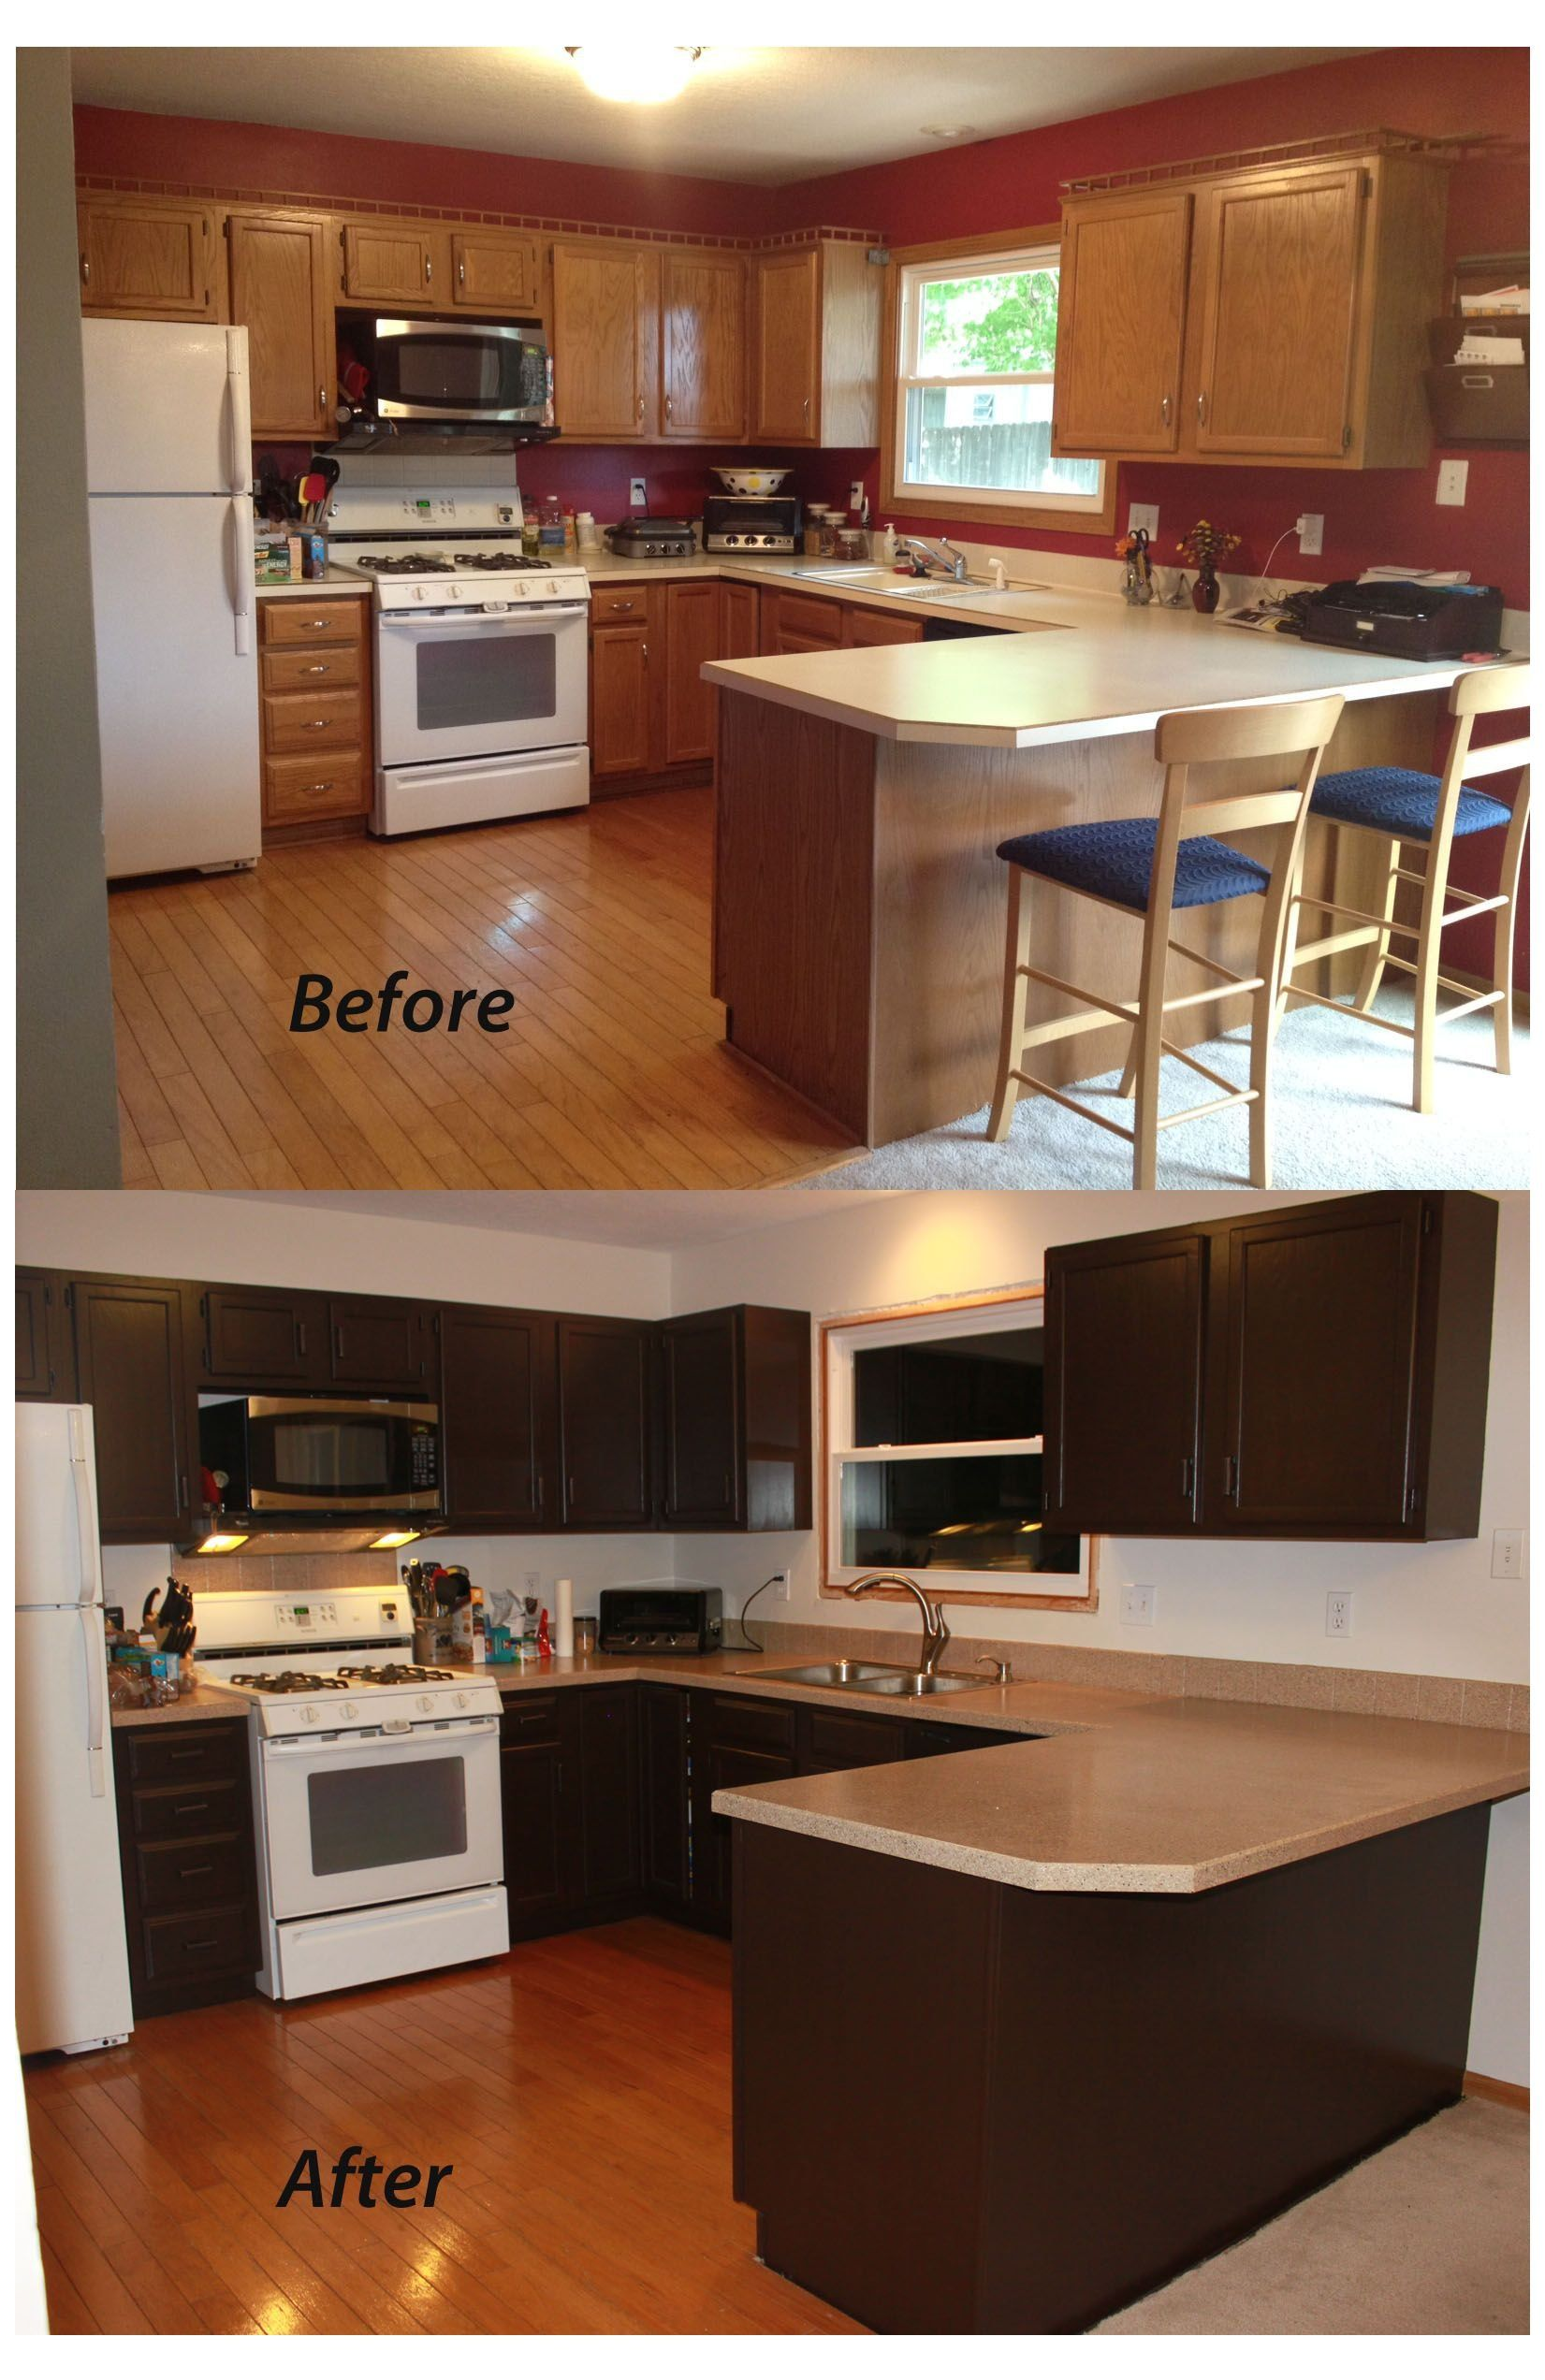 Painting Kitchen Cabinets Dark Brown Kitchen Cabinets Espresso In 2020 Painting Kitchen Cabinets Kitchen Cabinets Painted Before And After Brown Kitchen Cabinets